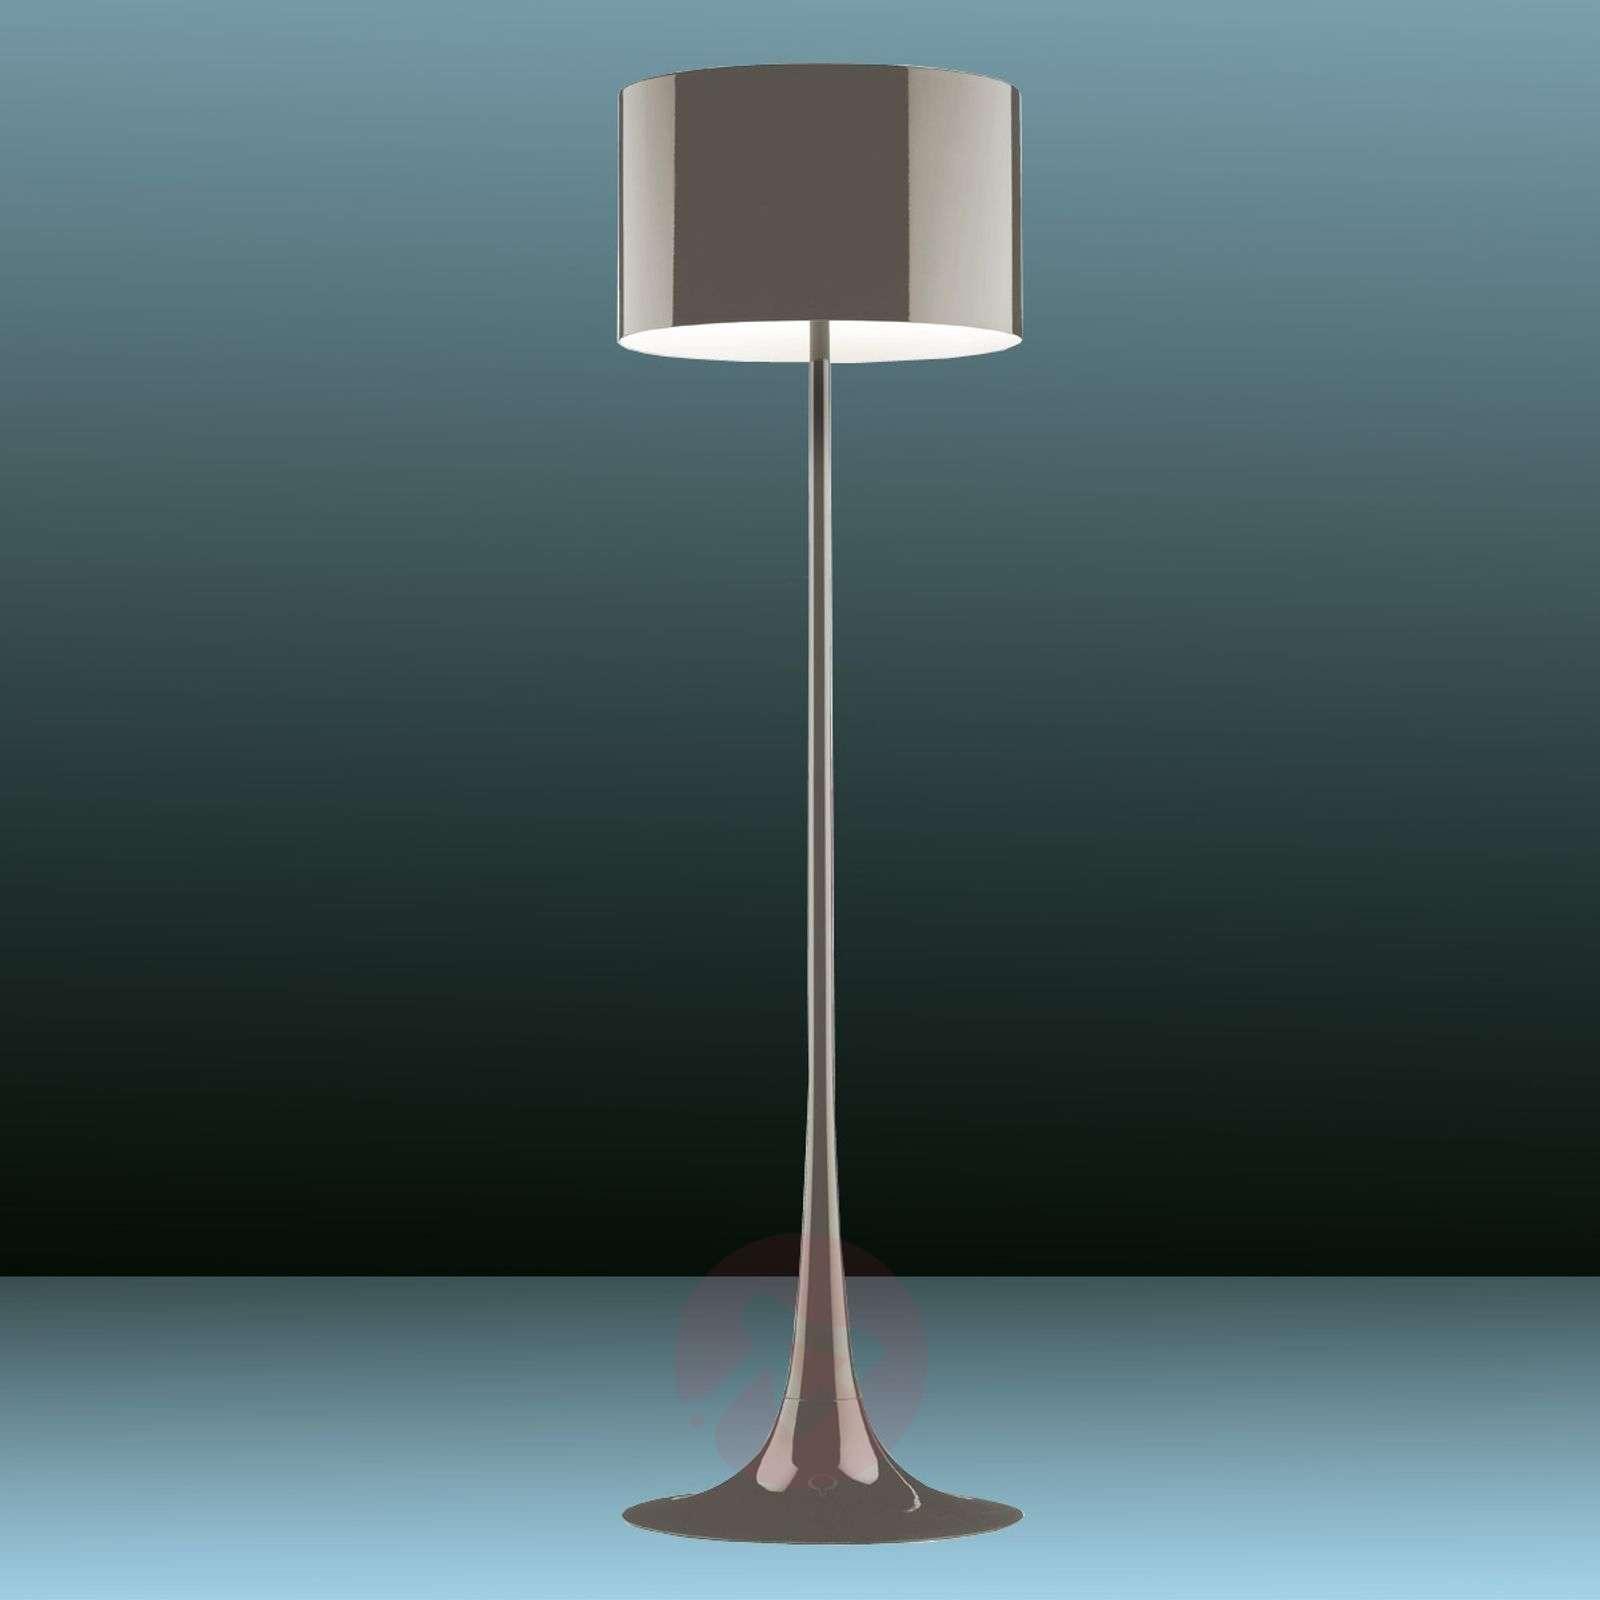 Spun Light F lattiavalaisin FLOSilta-3510142X-01